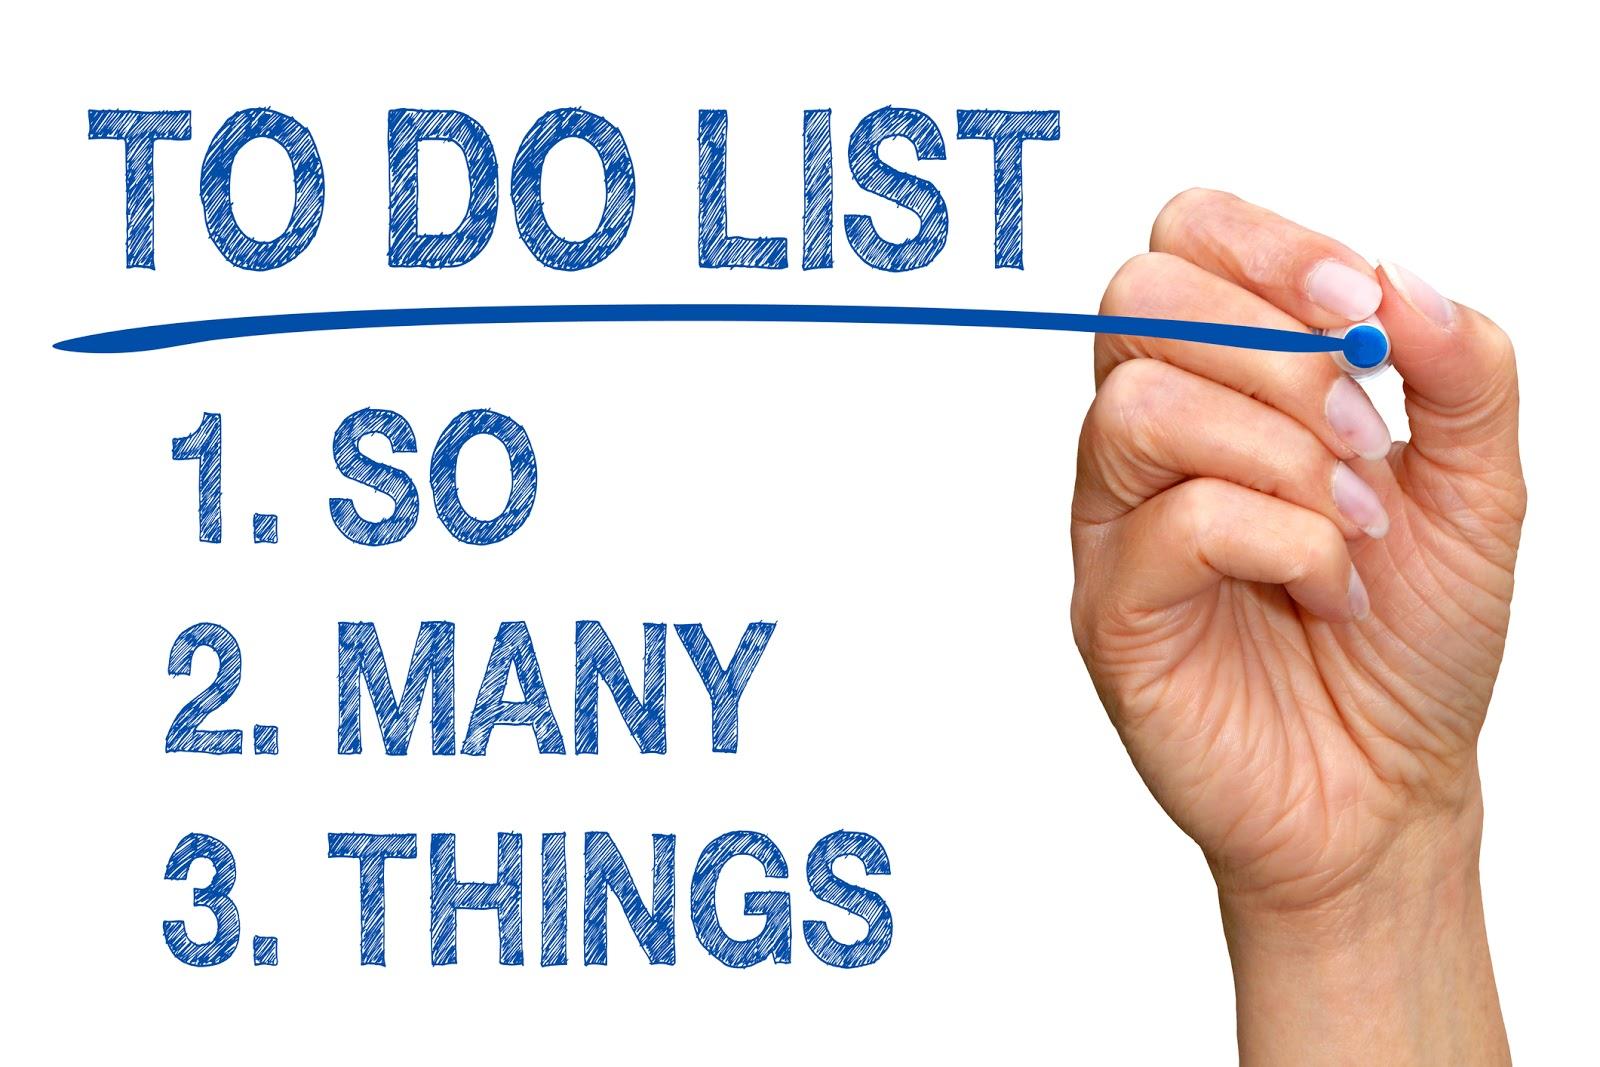 A hand writes a 3 task to do list